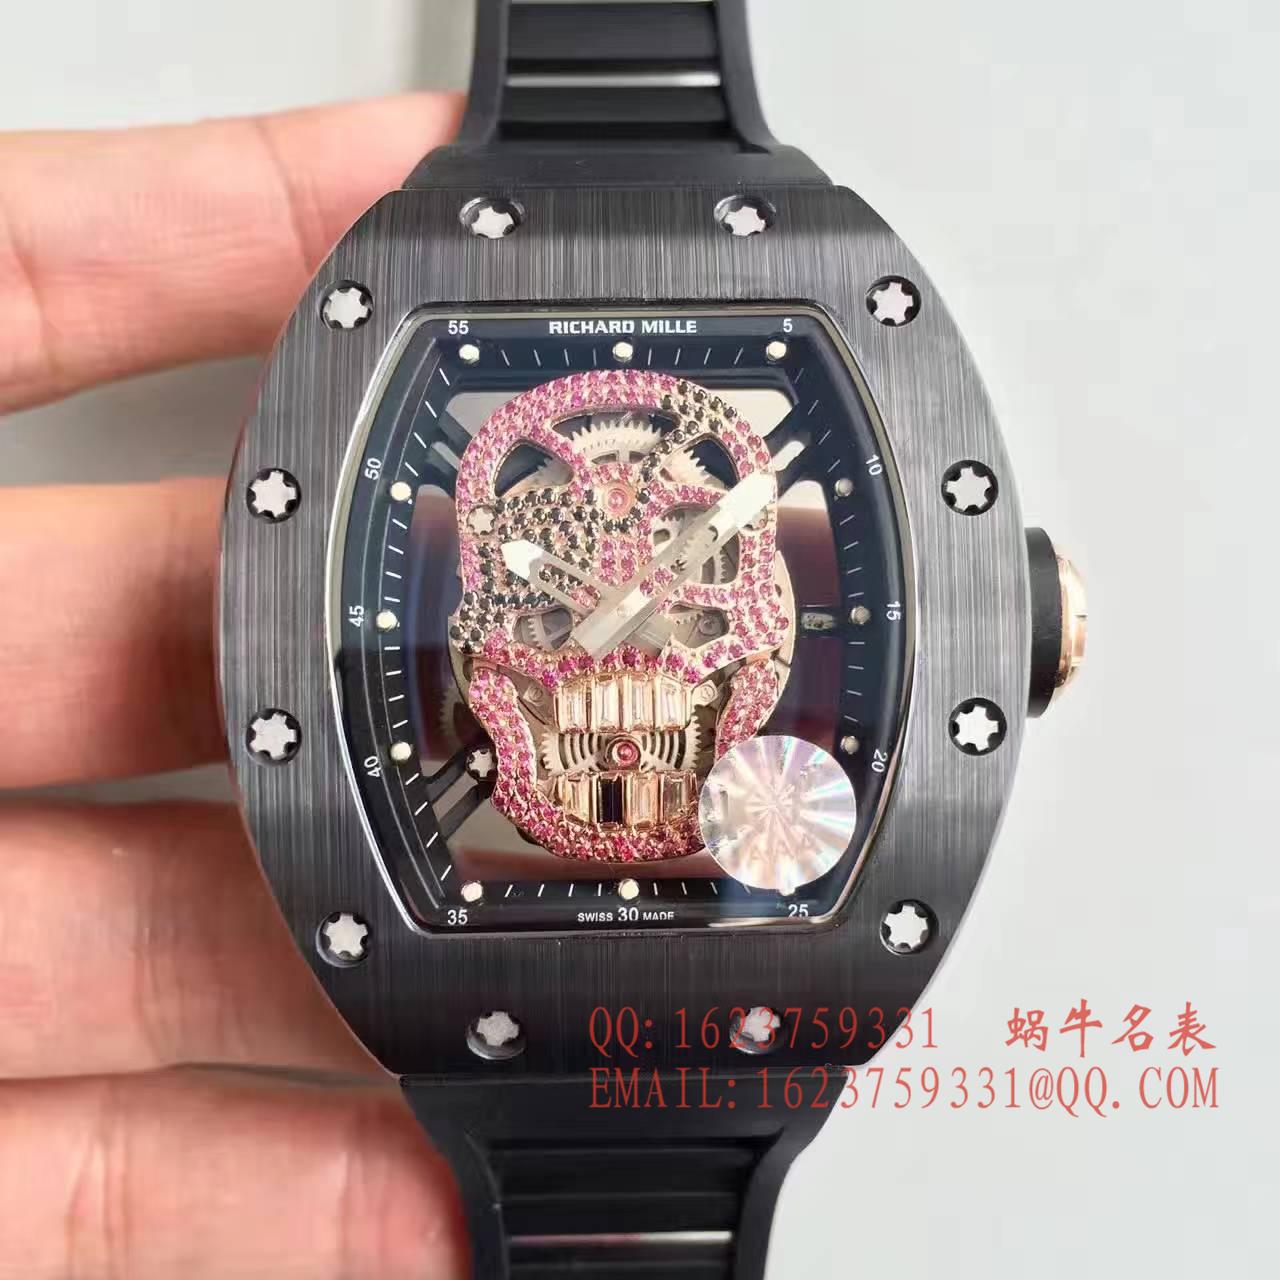 【视频解析】1:1超A精仿KV出品顶级版理查德米勒骷髅头RM 52系列手表 / R007